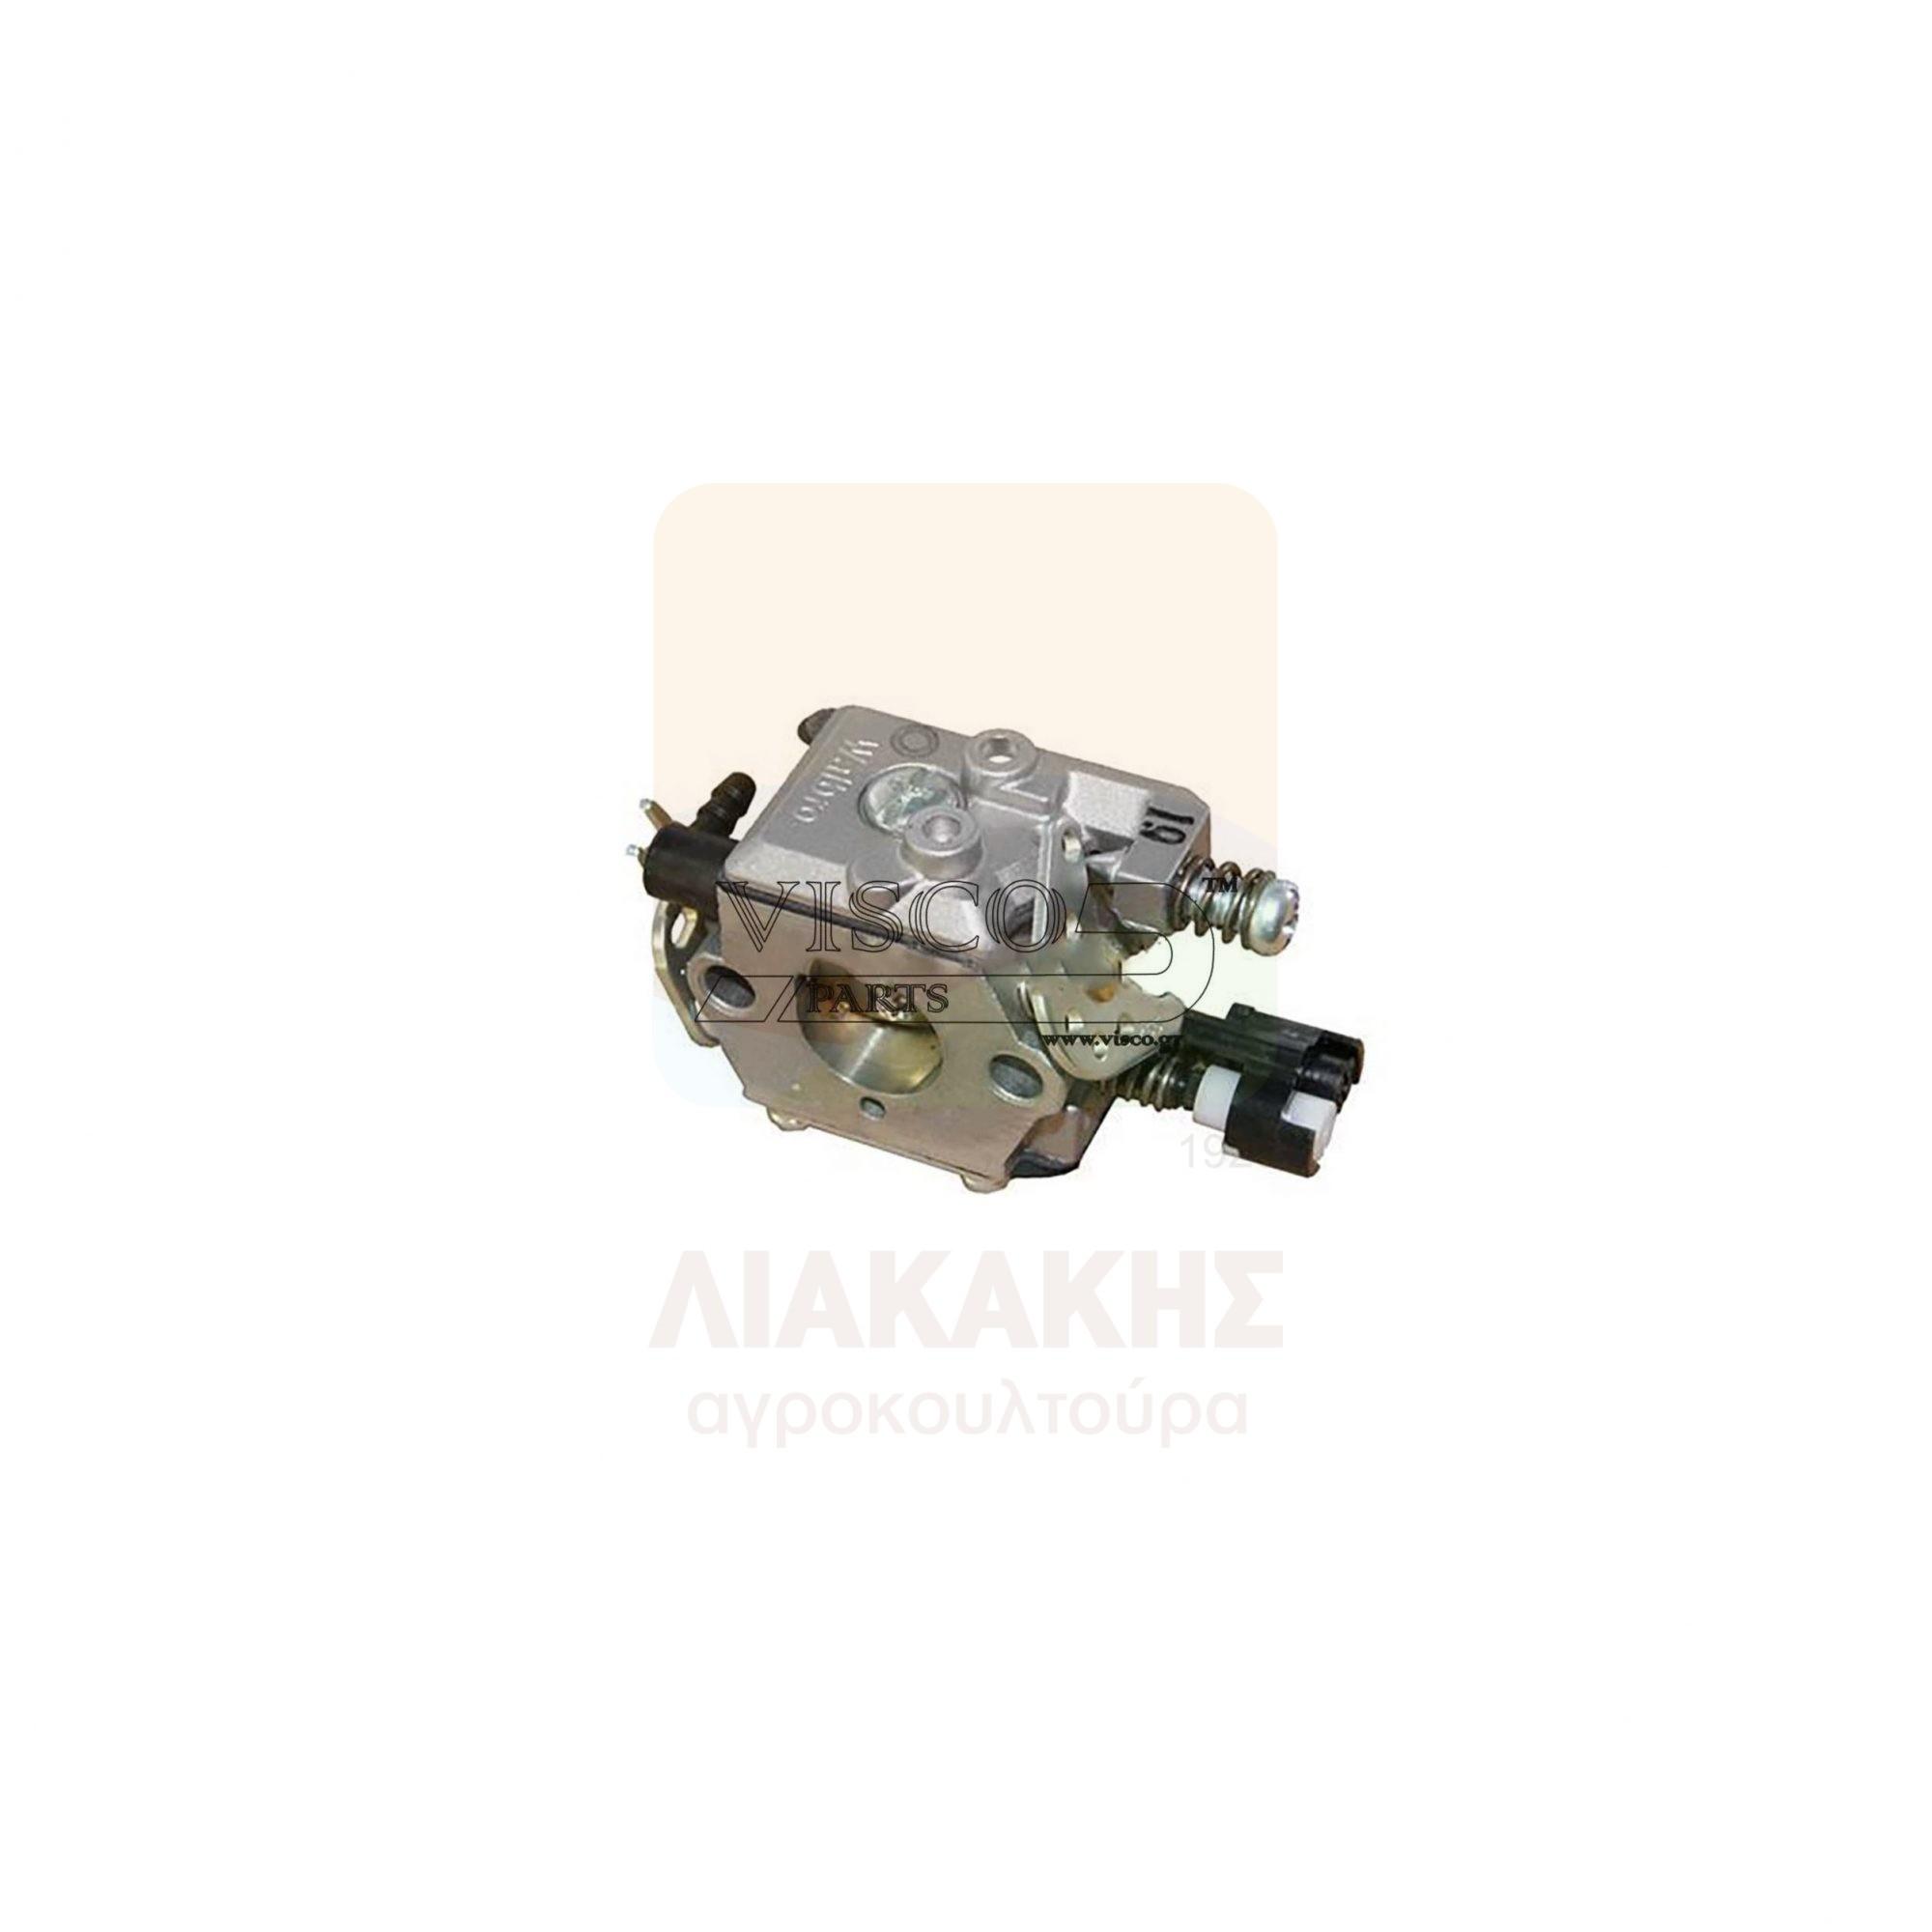 ΚΑΡ-054 Καρμπυρατέρ OLEOMAC-EFCO 936-940 - 136-140 WALBRO ORIGINAL